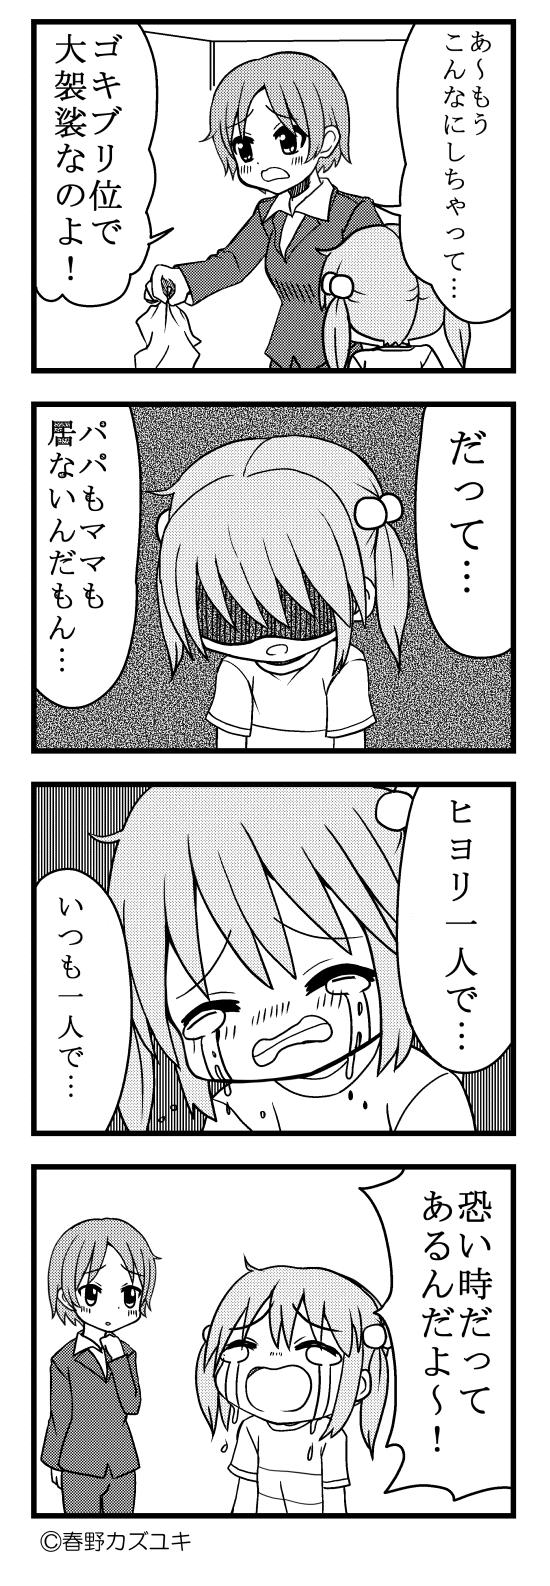 hiyorityanその4_1